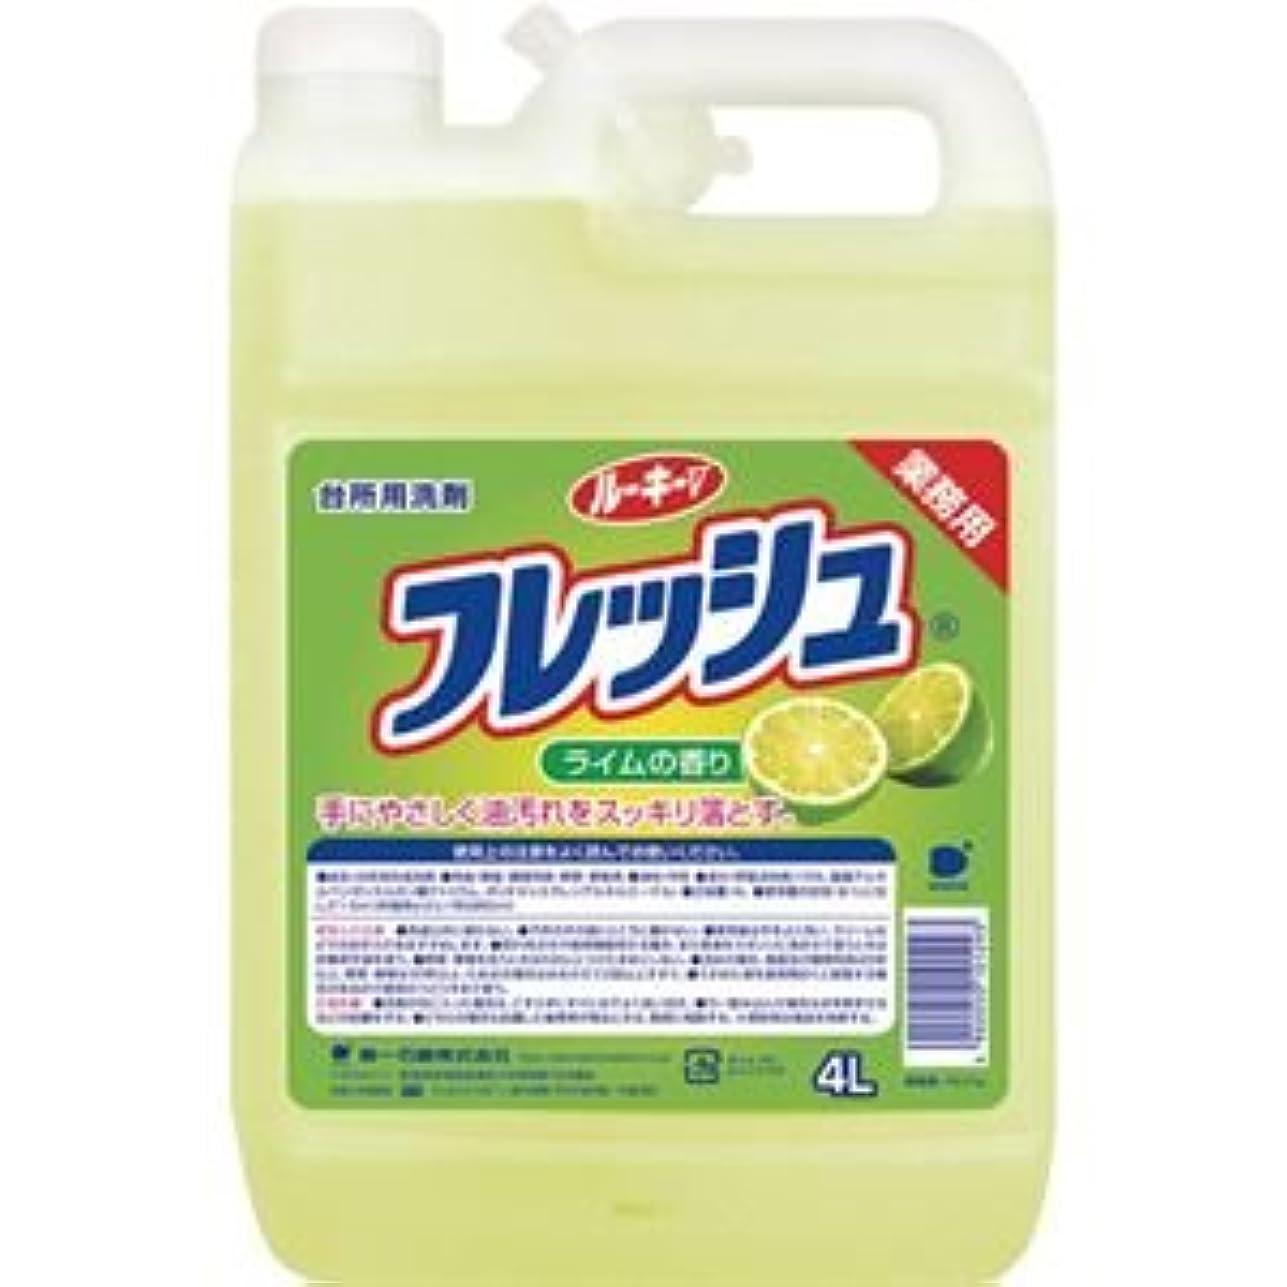 敬意を表して狂人酸(まとめ) 第一石鹸 ルーキーVフレッシュ 業務用 4L 1本 【×5セット】